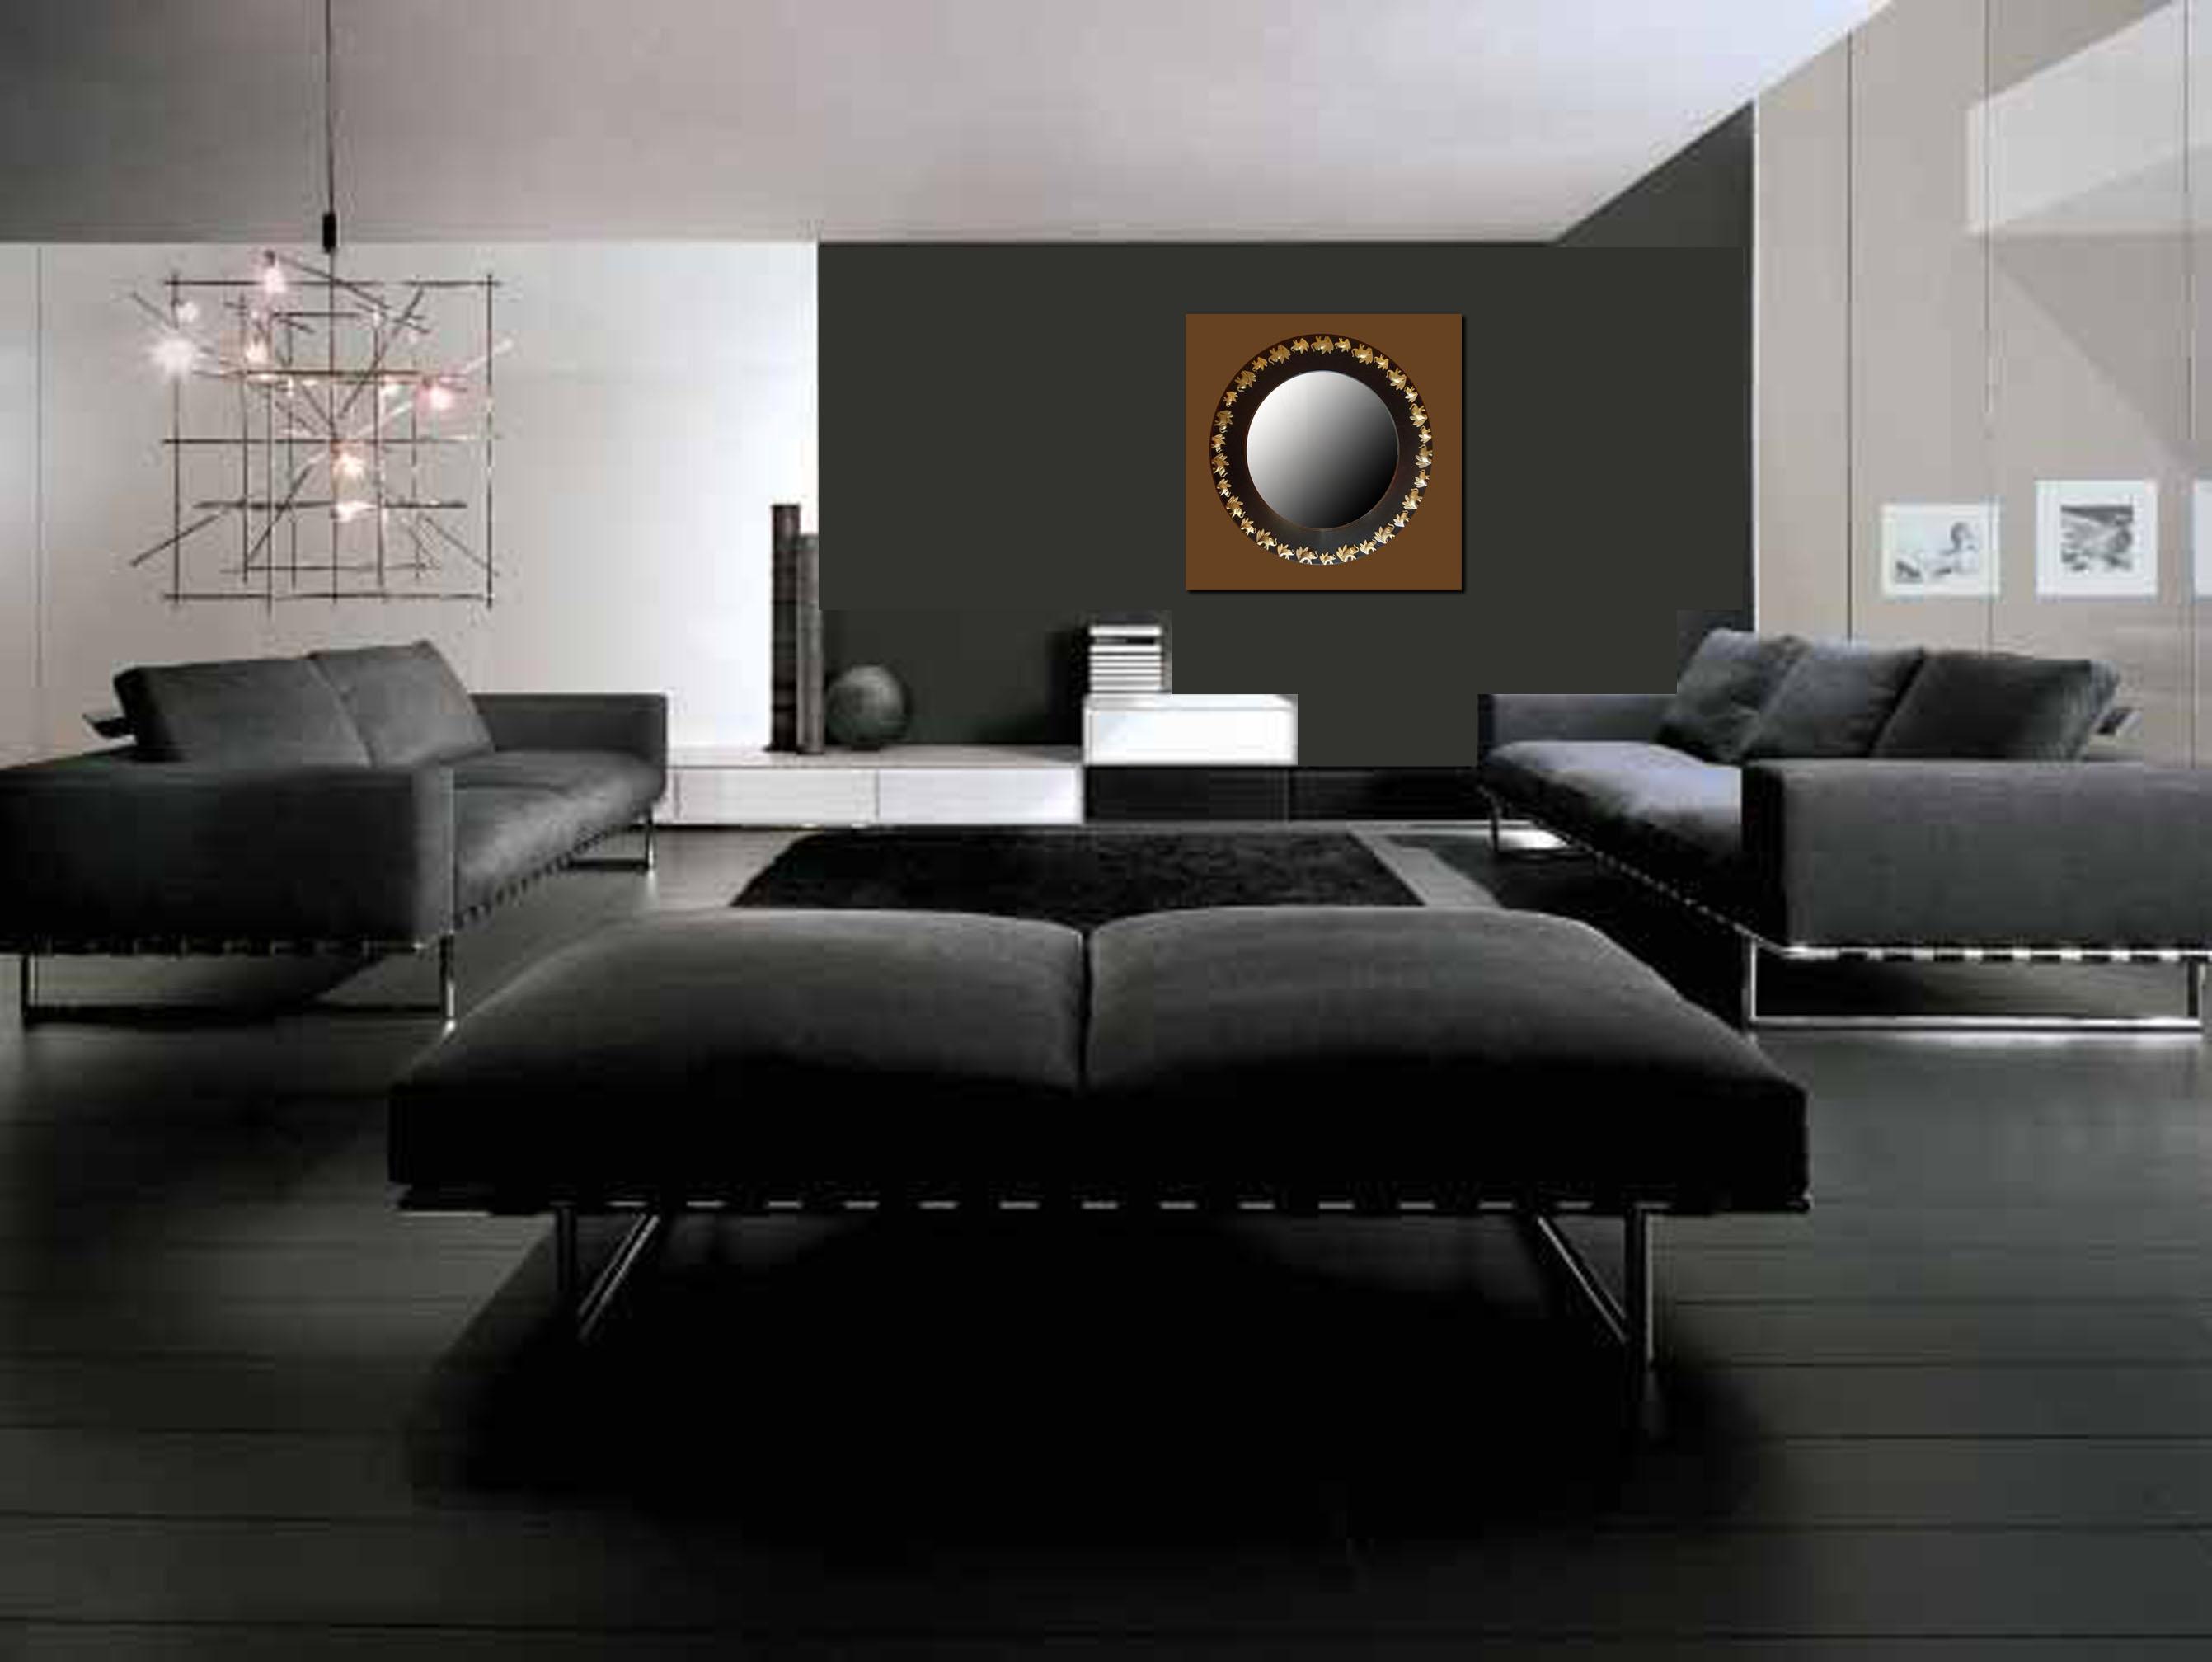 mirror europe interior jean jacques butler design miroir interieur